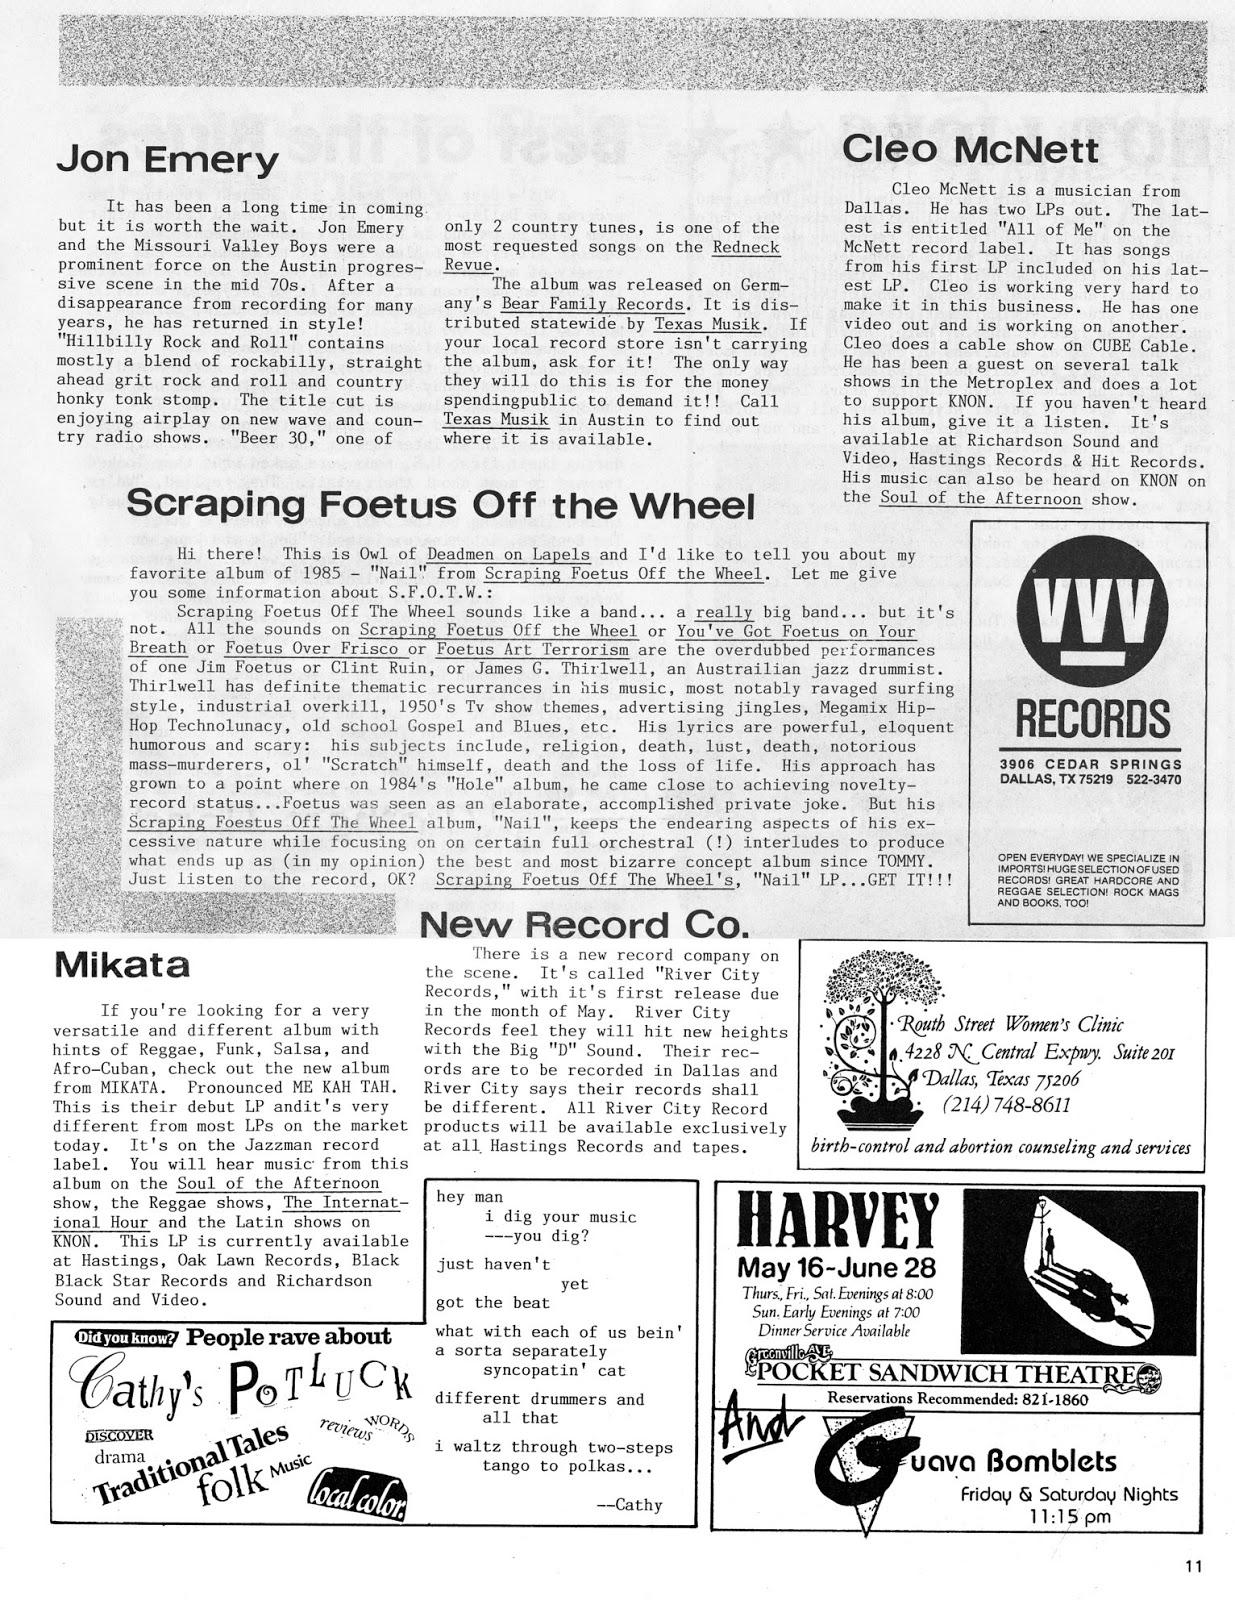 scrapbook-1986-issue-3-p11